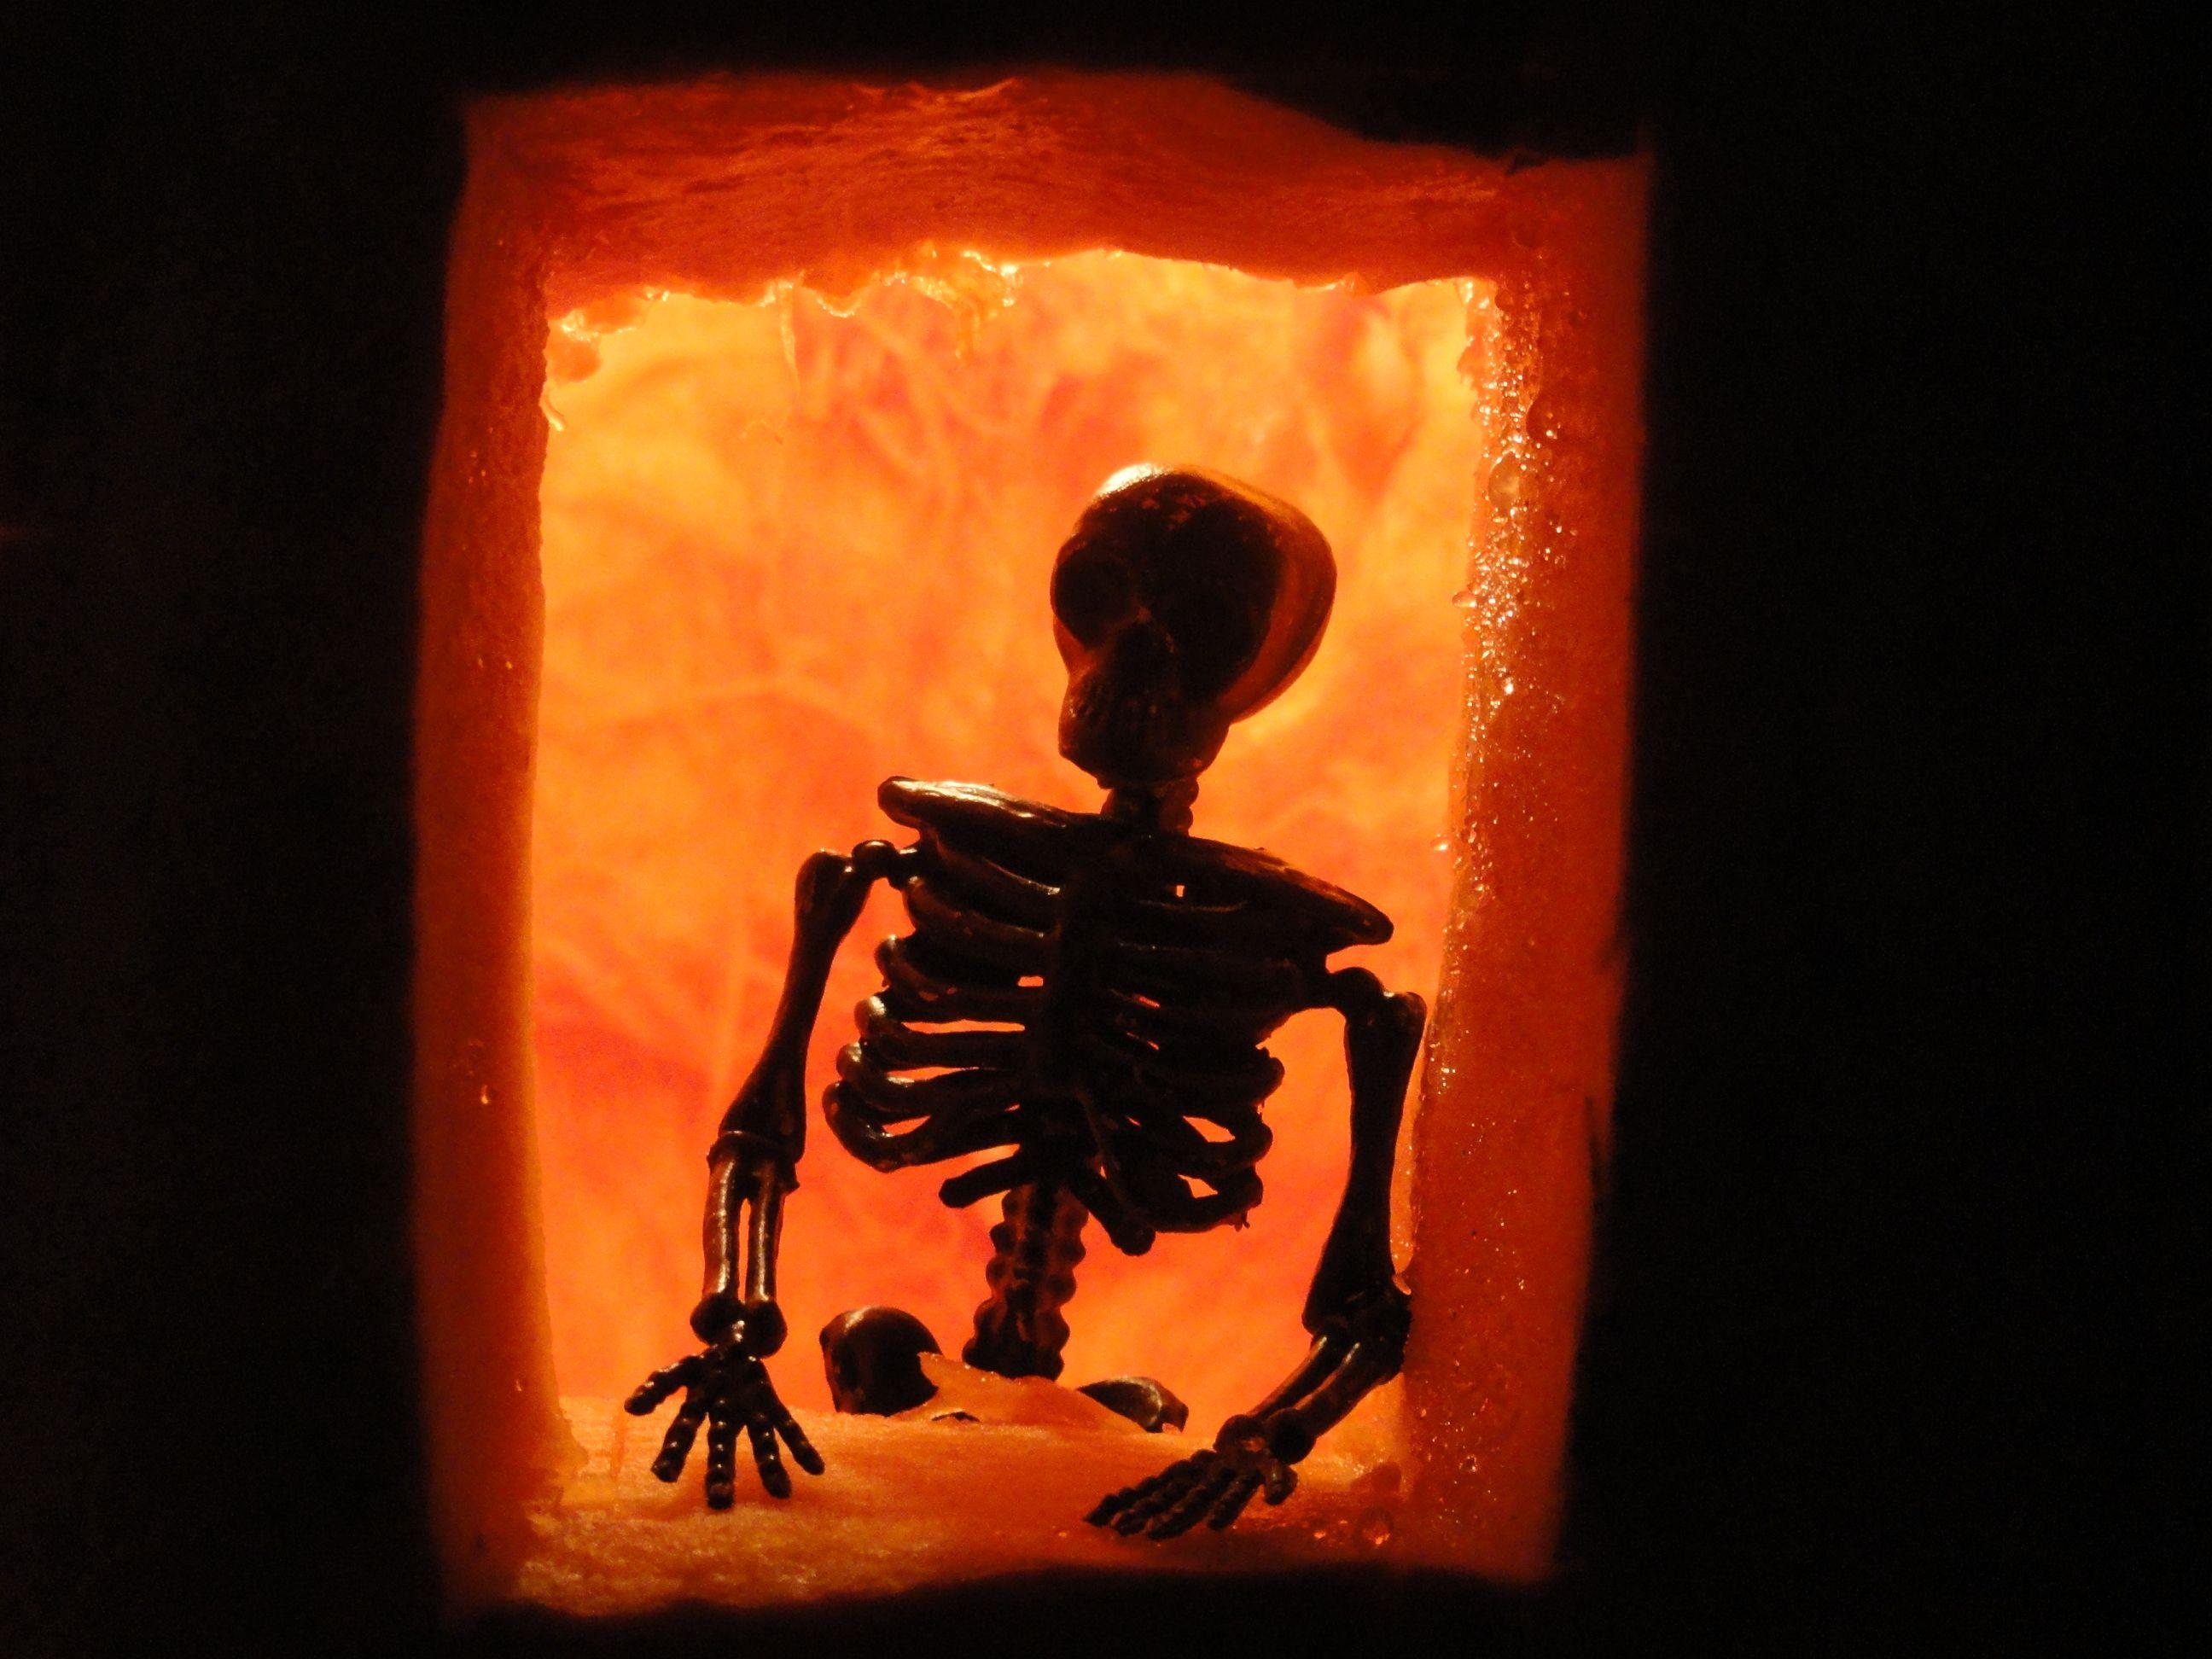 pumpkin carving skeleton house sillouhette for Halloween